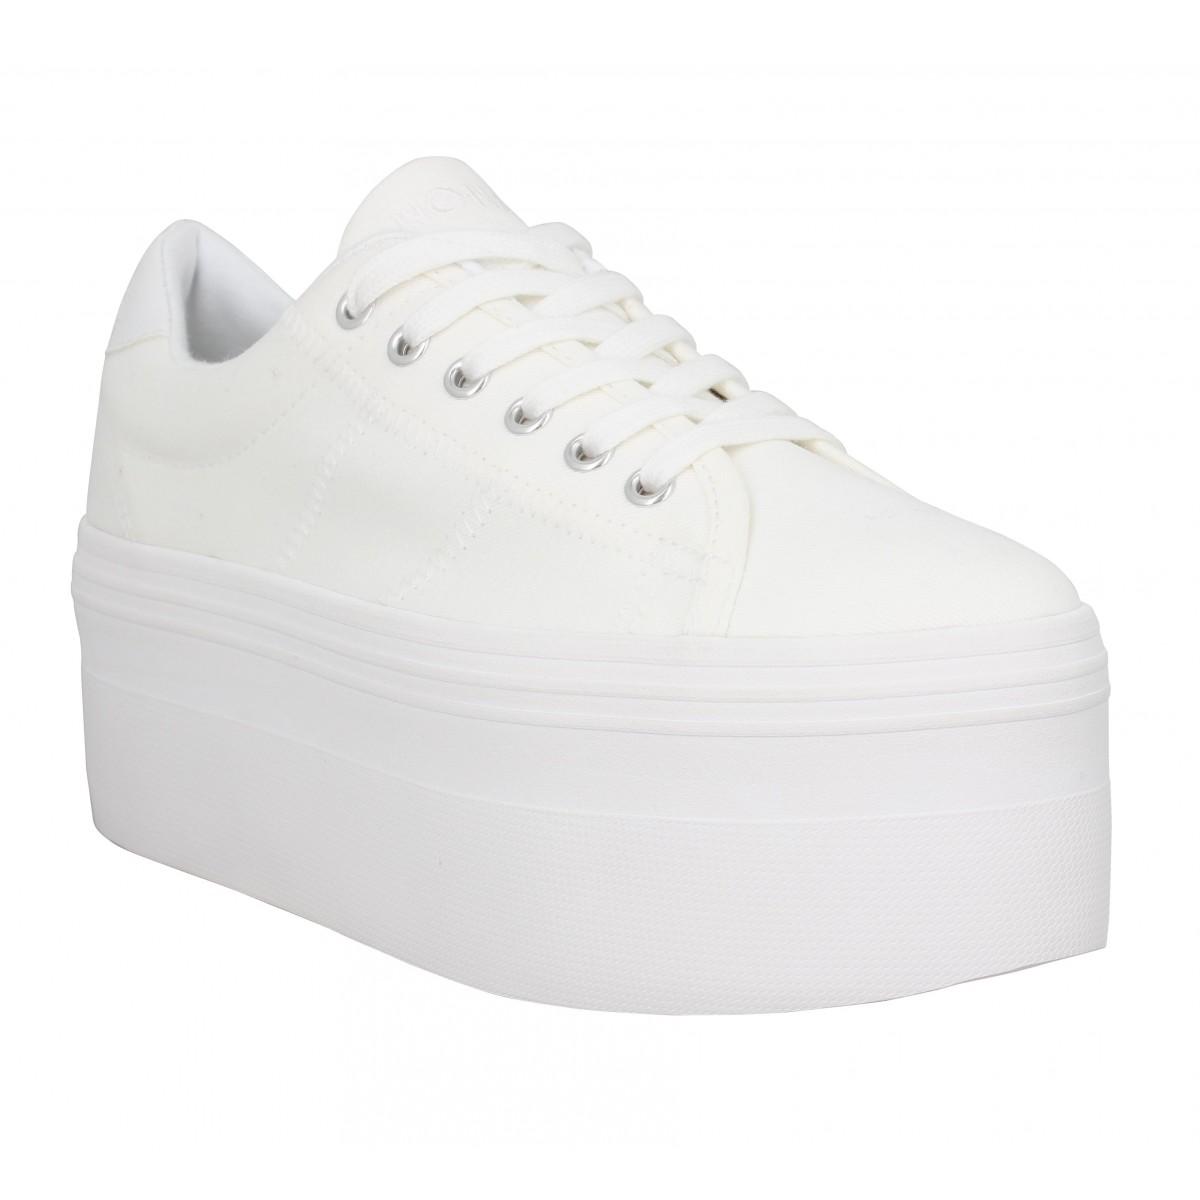 No Name Marque Plato L Sneaker Toile...